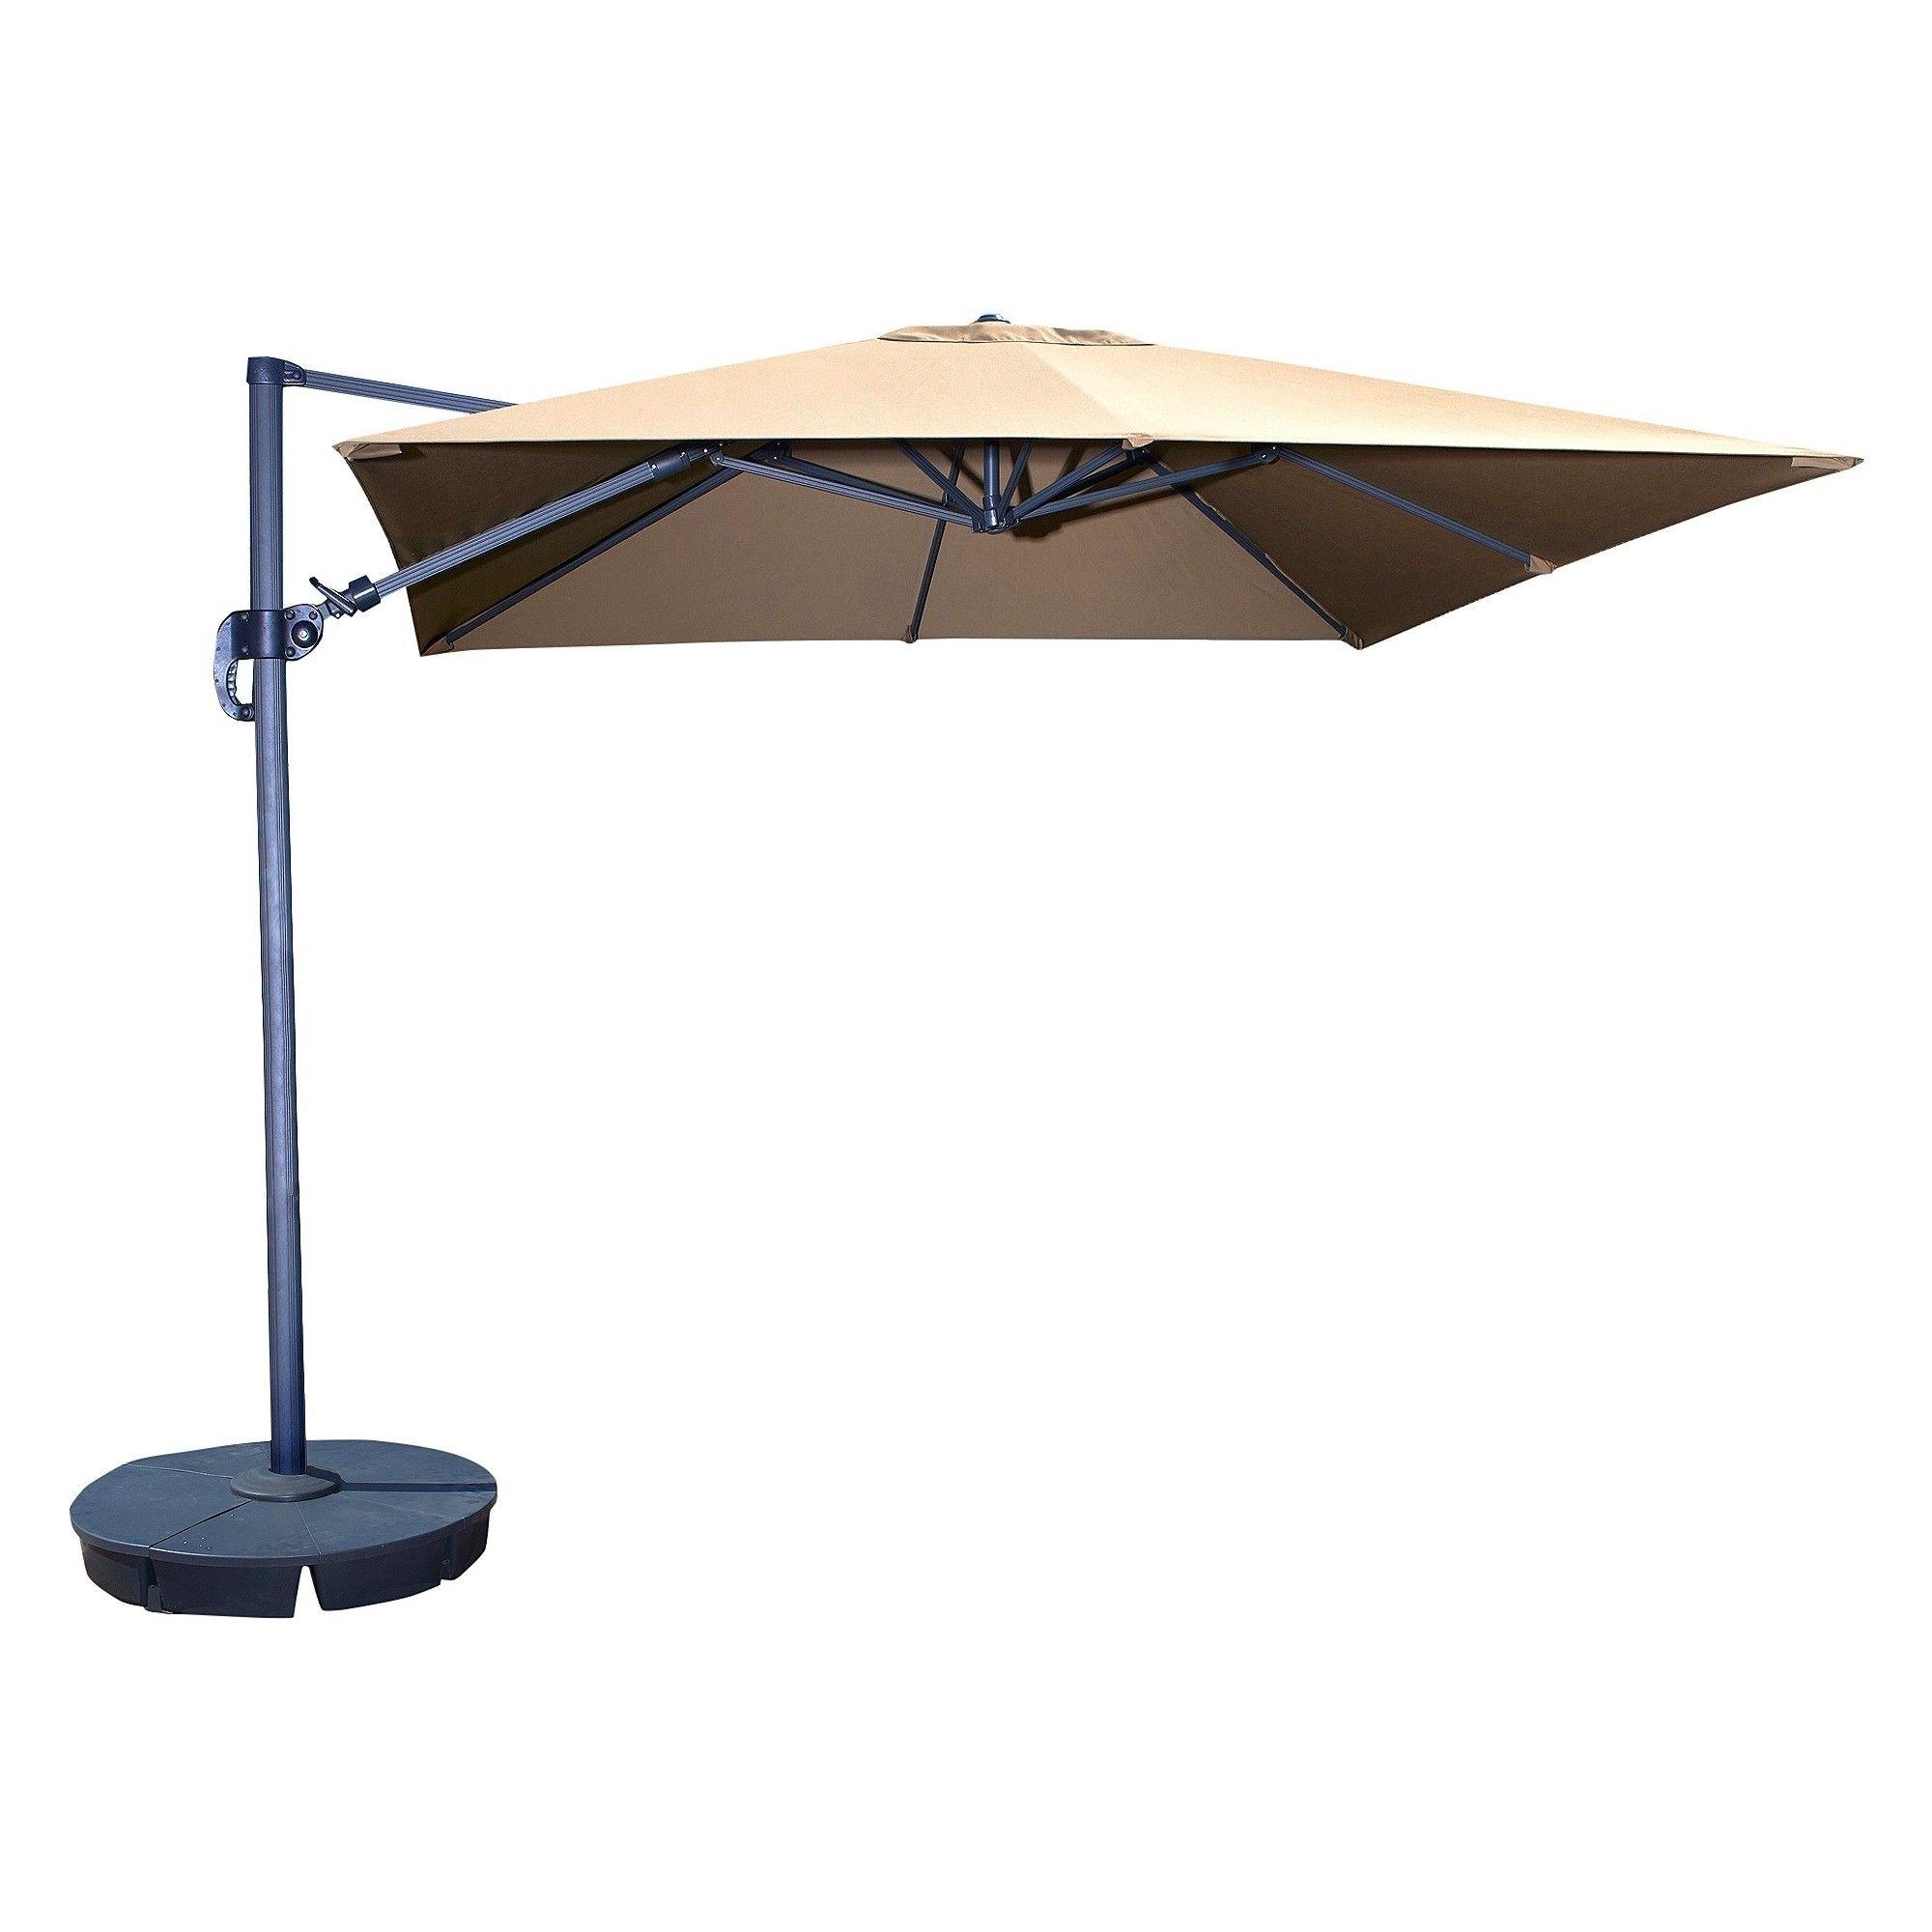 Grey Patio Umbrellas Pertaining To Latest Island Umbrella Santorini Ii 10' Square Cantilever Umbrella In Stone (View 7 of 20)